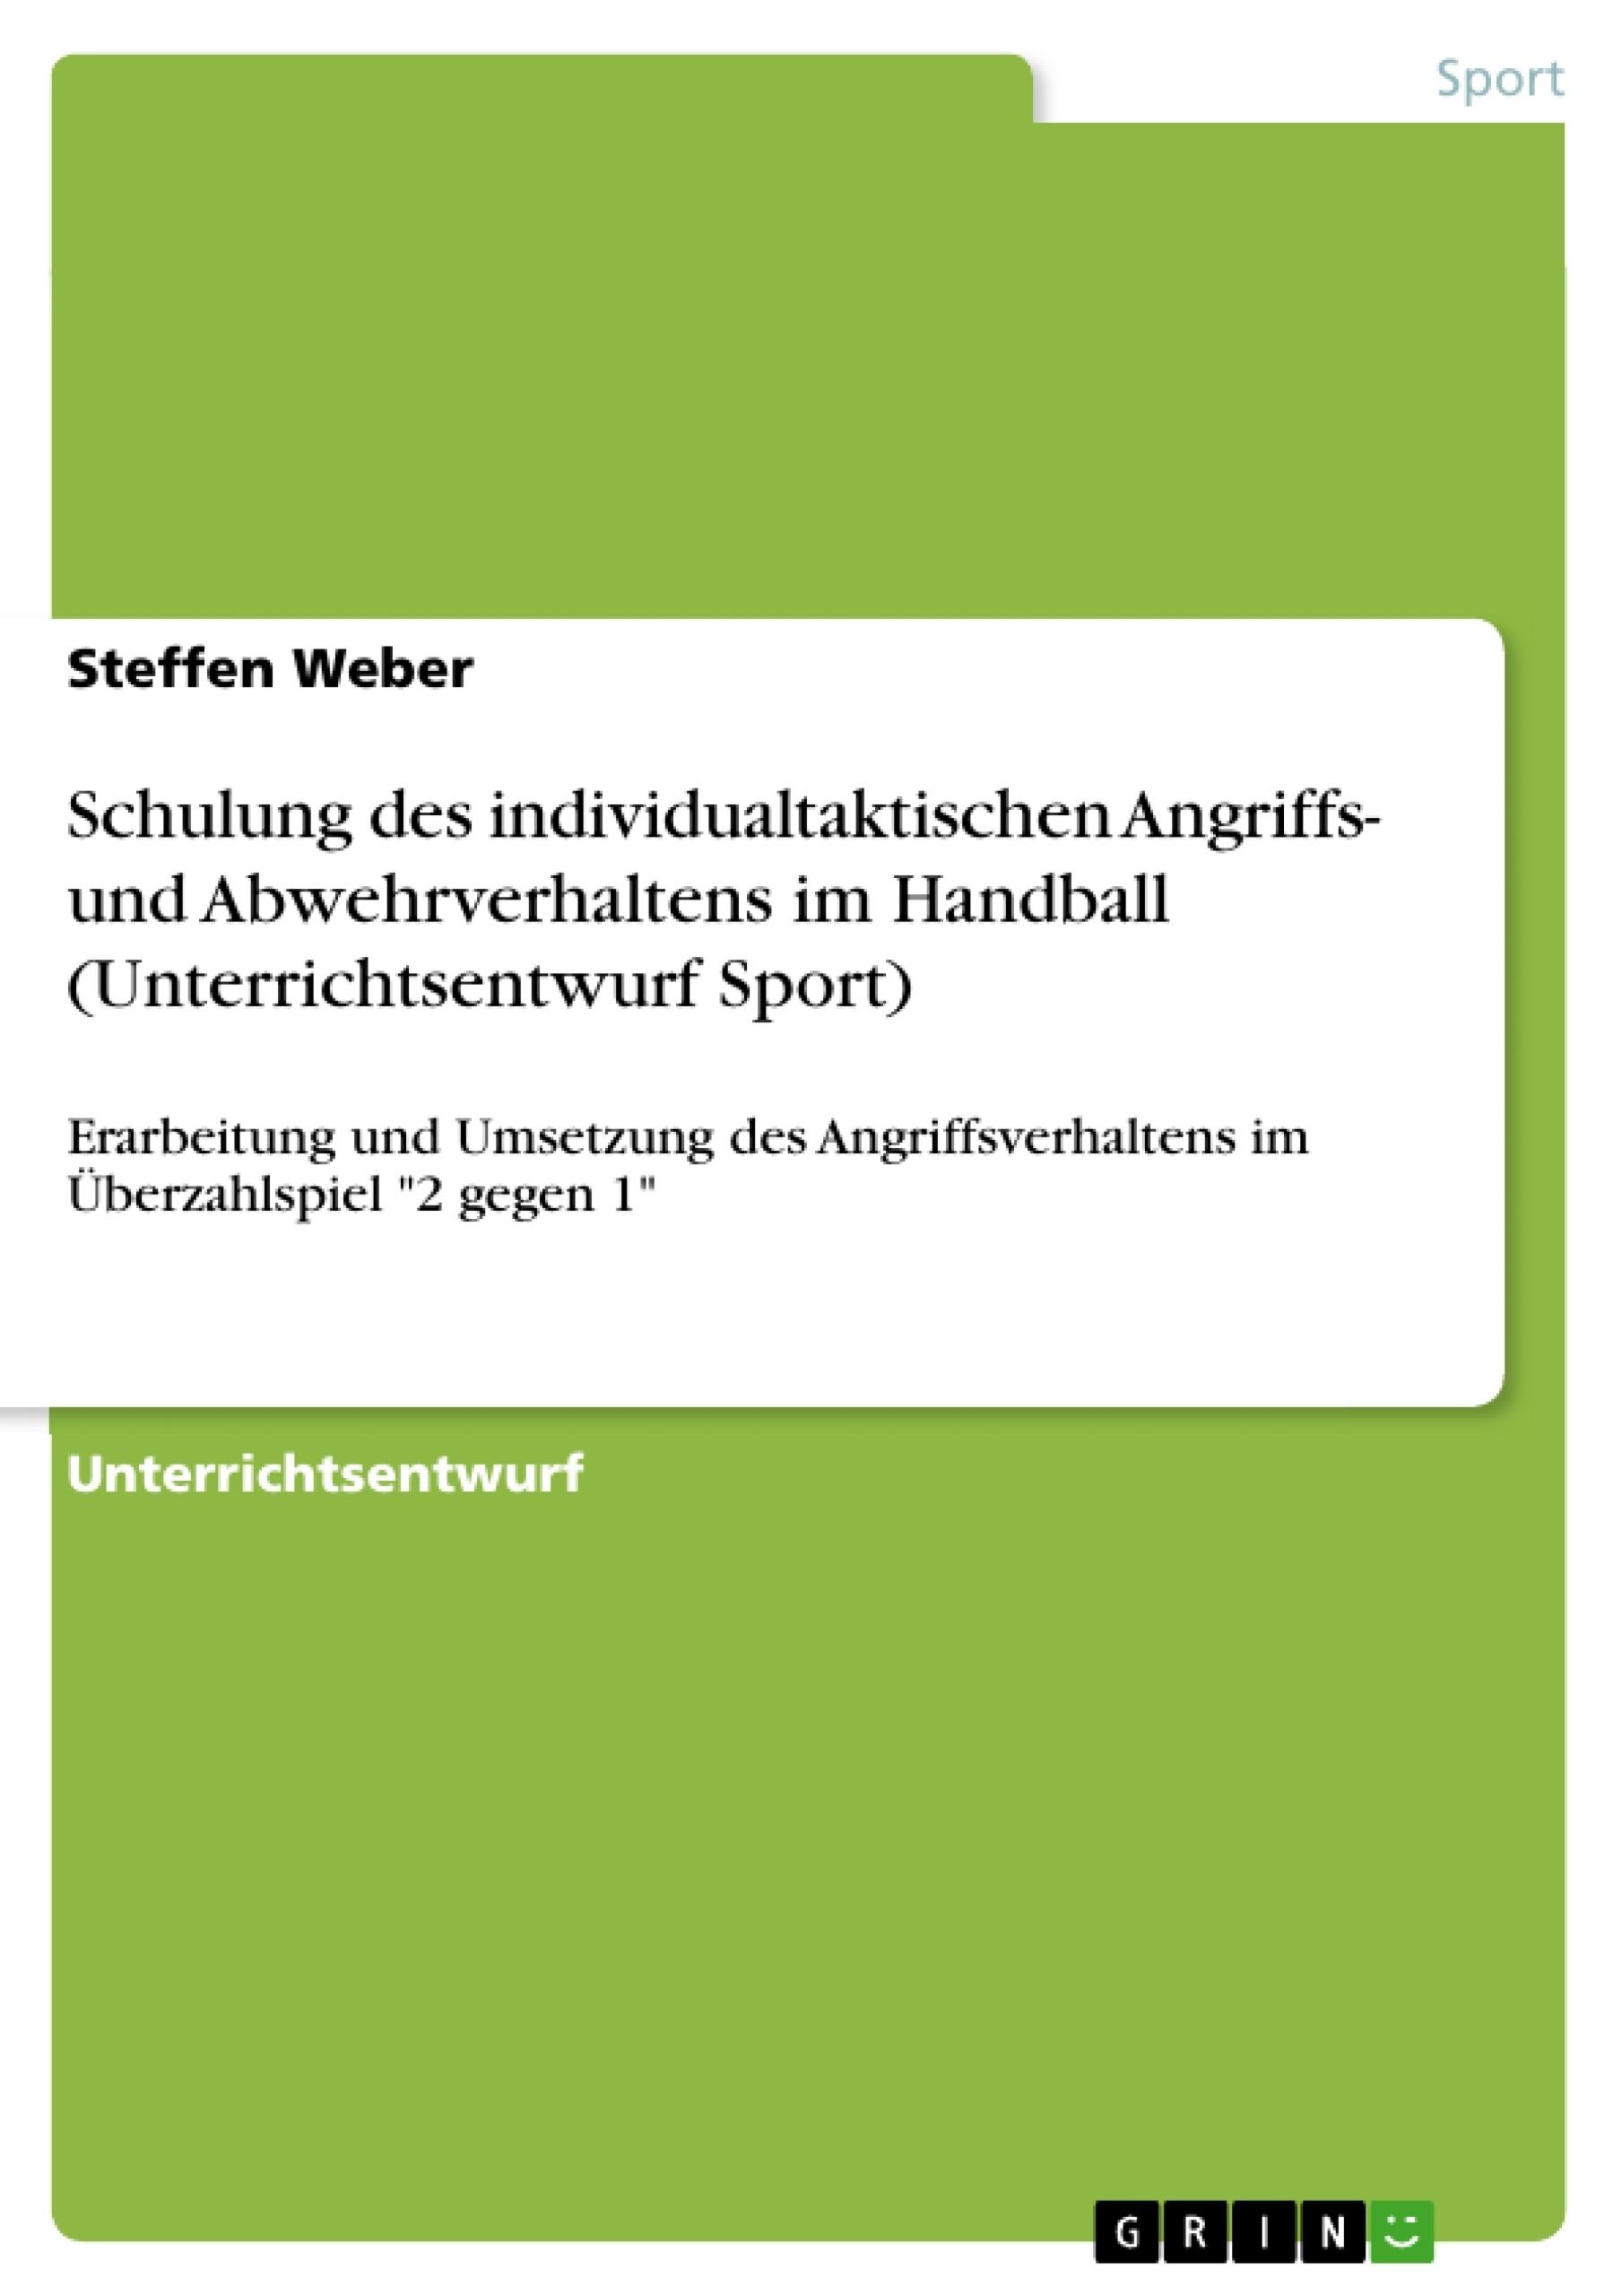 Titel: Schulung des individualtaktischen Angriffs- und Abwehrverhaltens im Handball (Unterrichtsentwurf Sport)